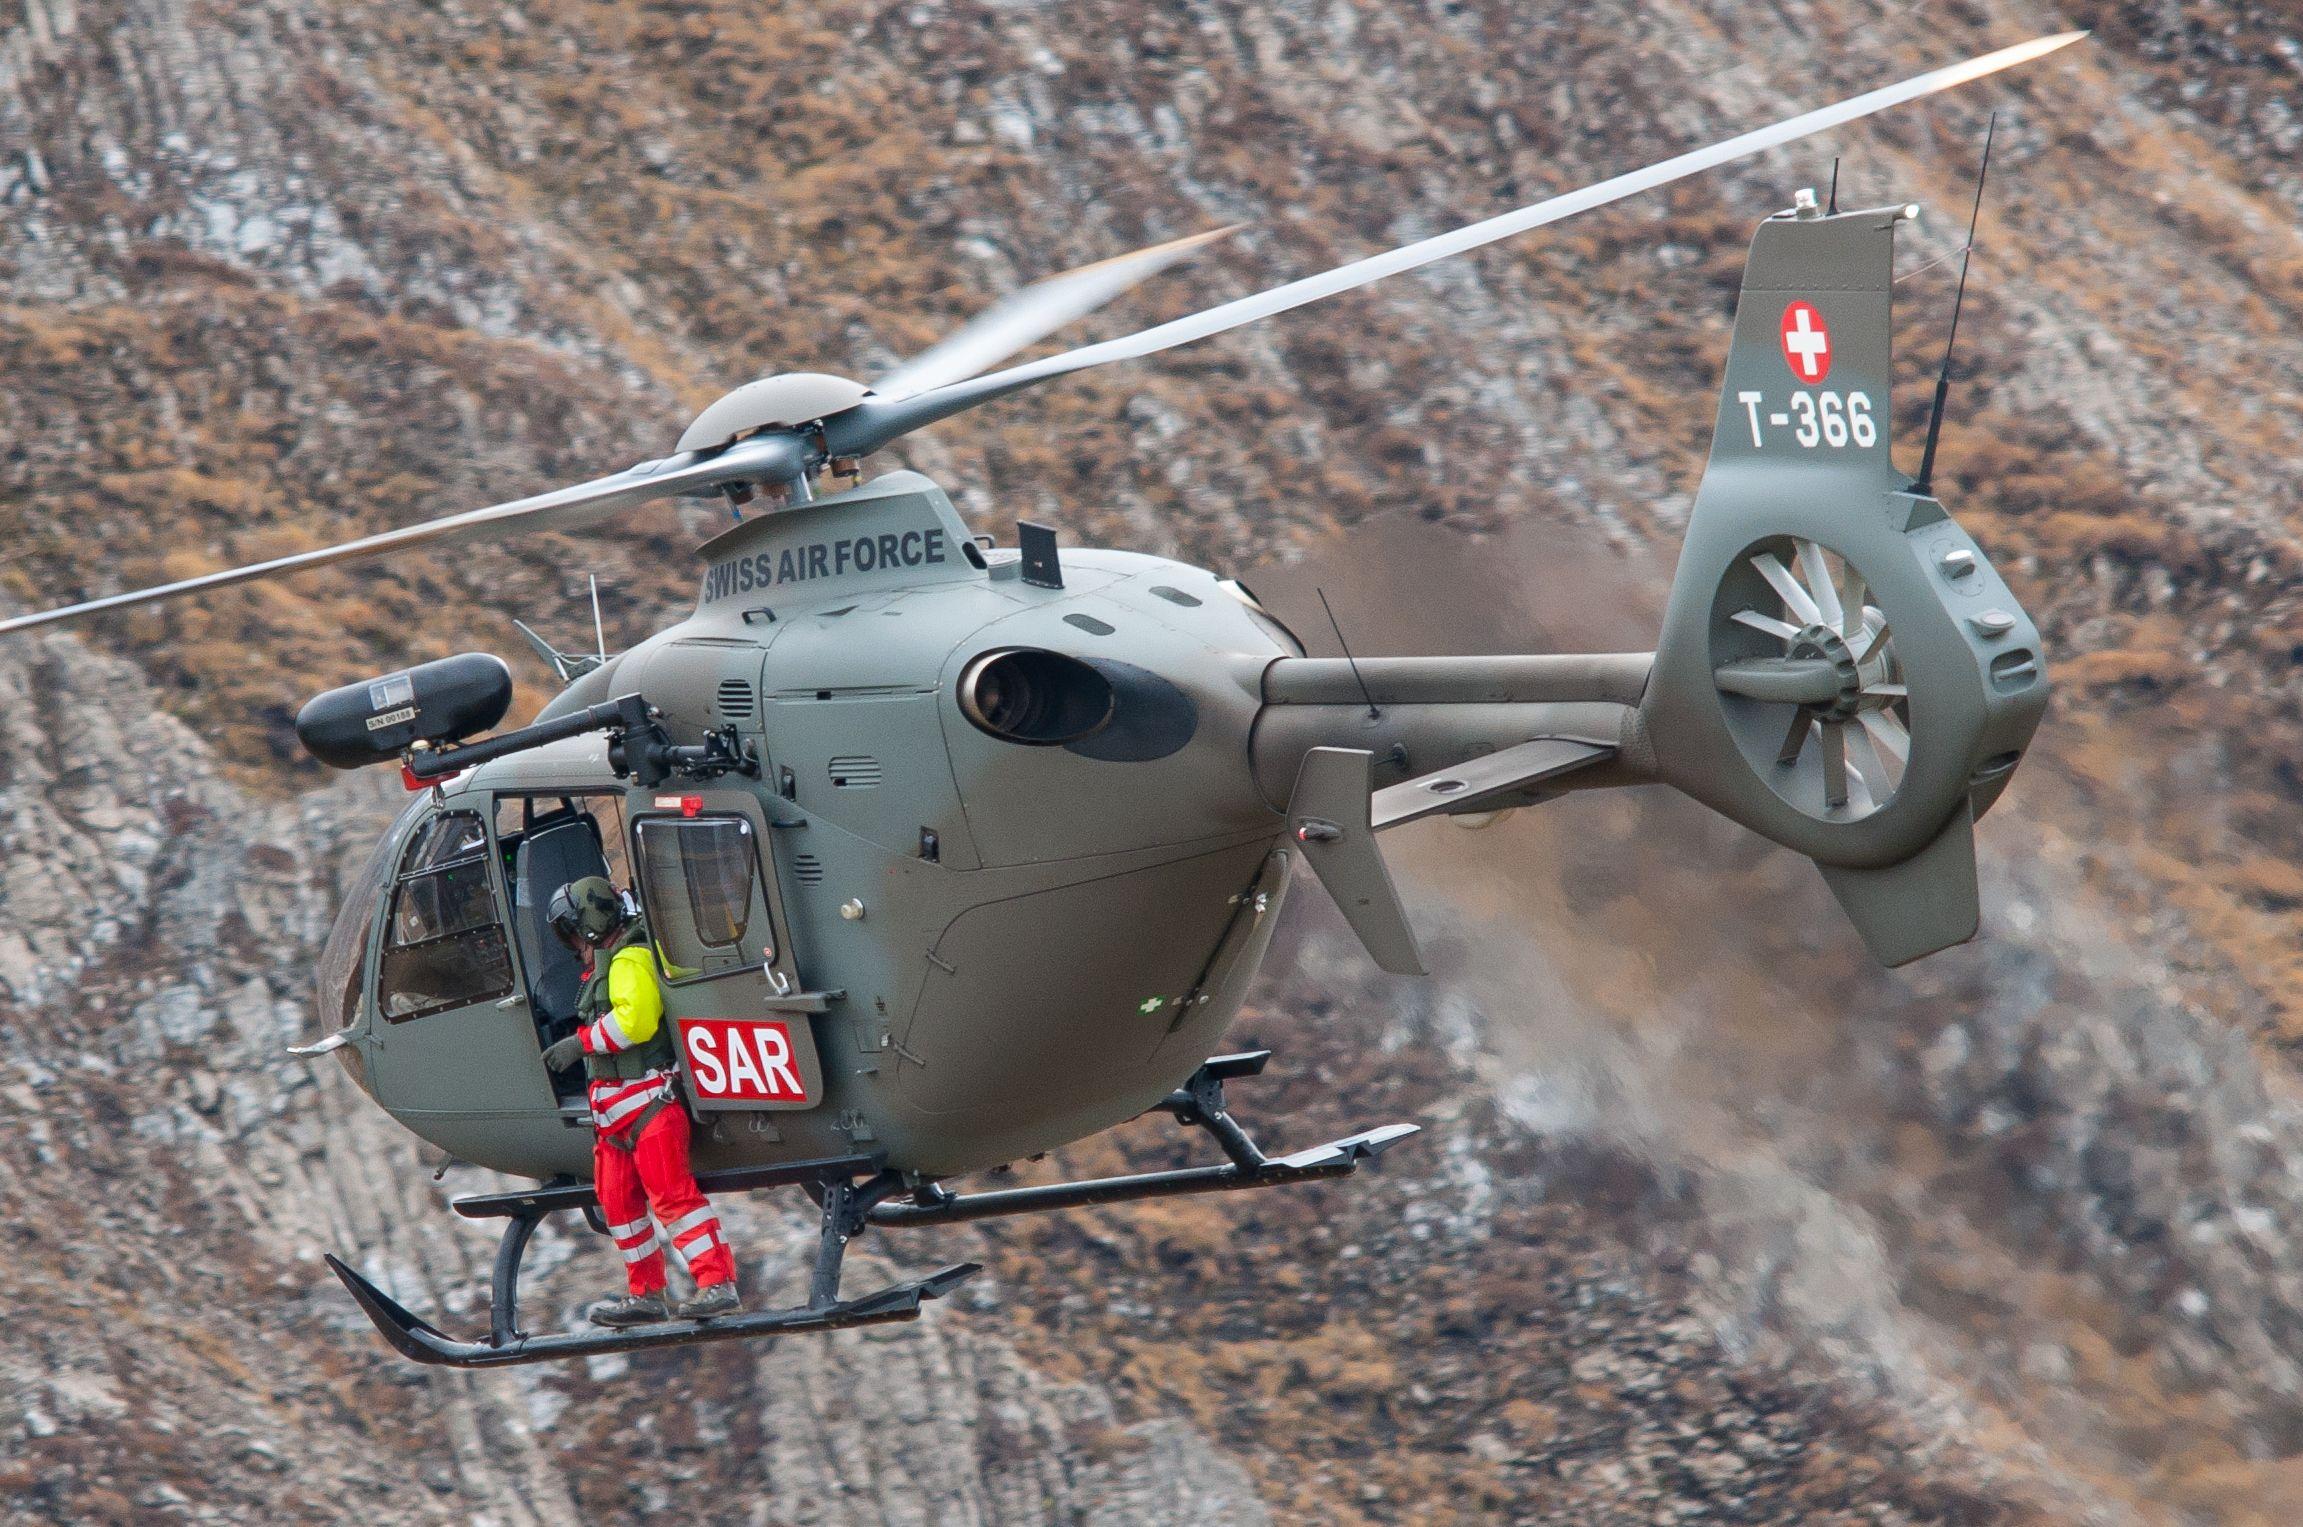 Air force live fire event Axalp 2012 - 10-11 Oct 2012 - Pagina 2 000197